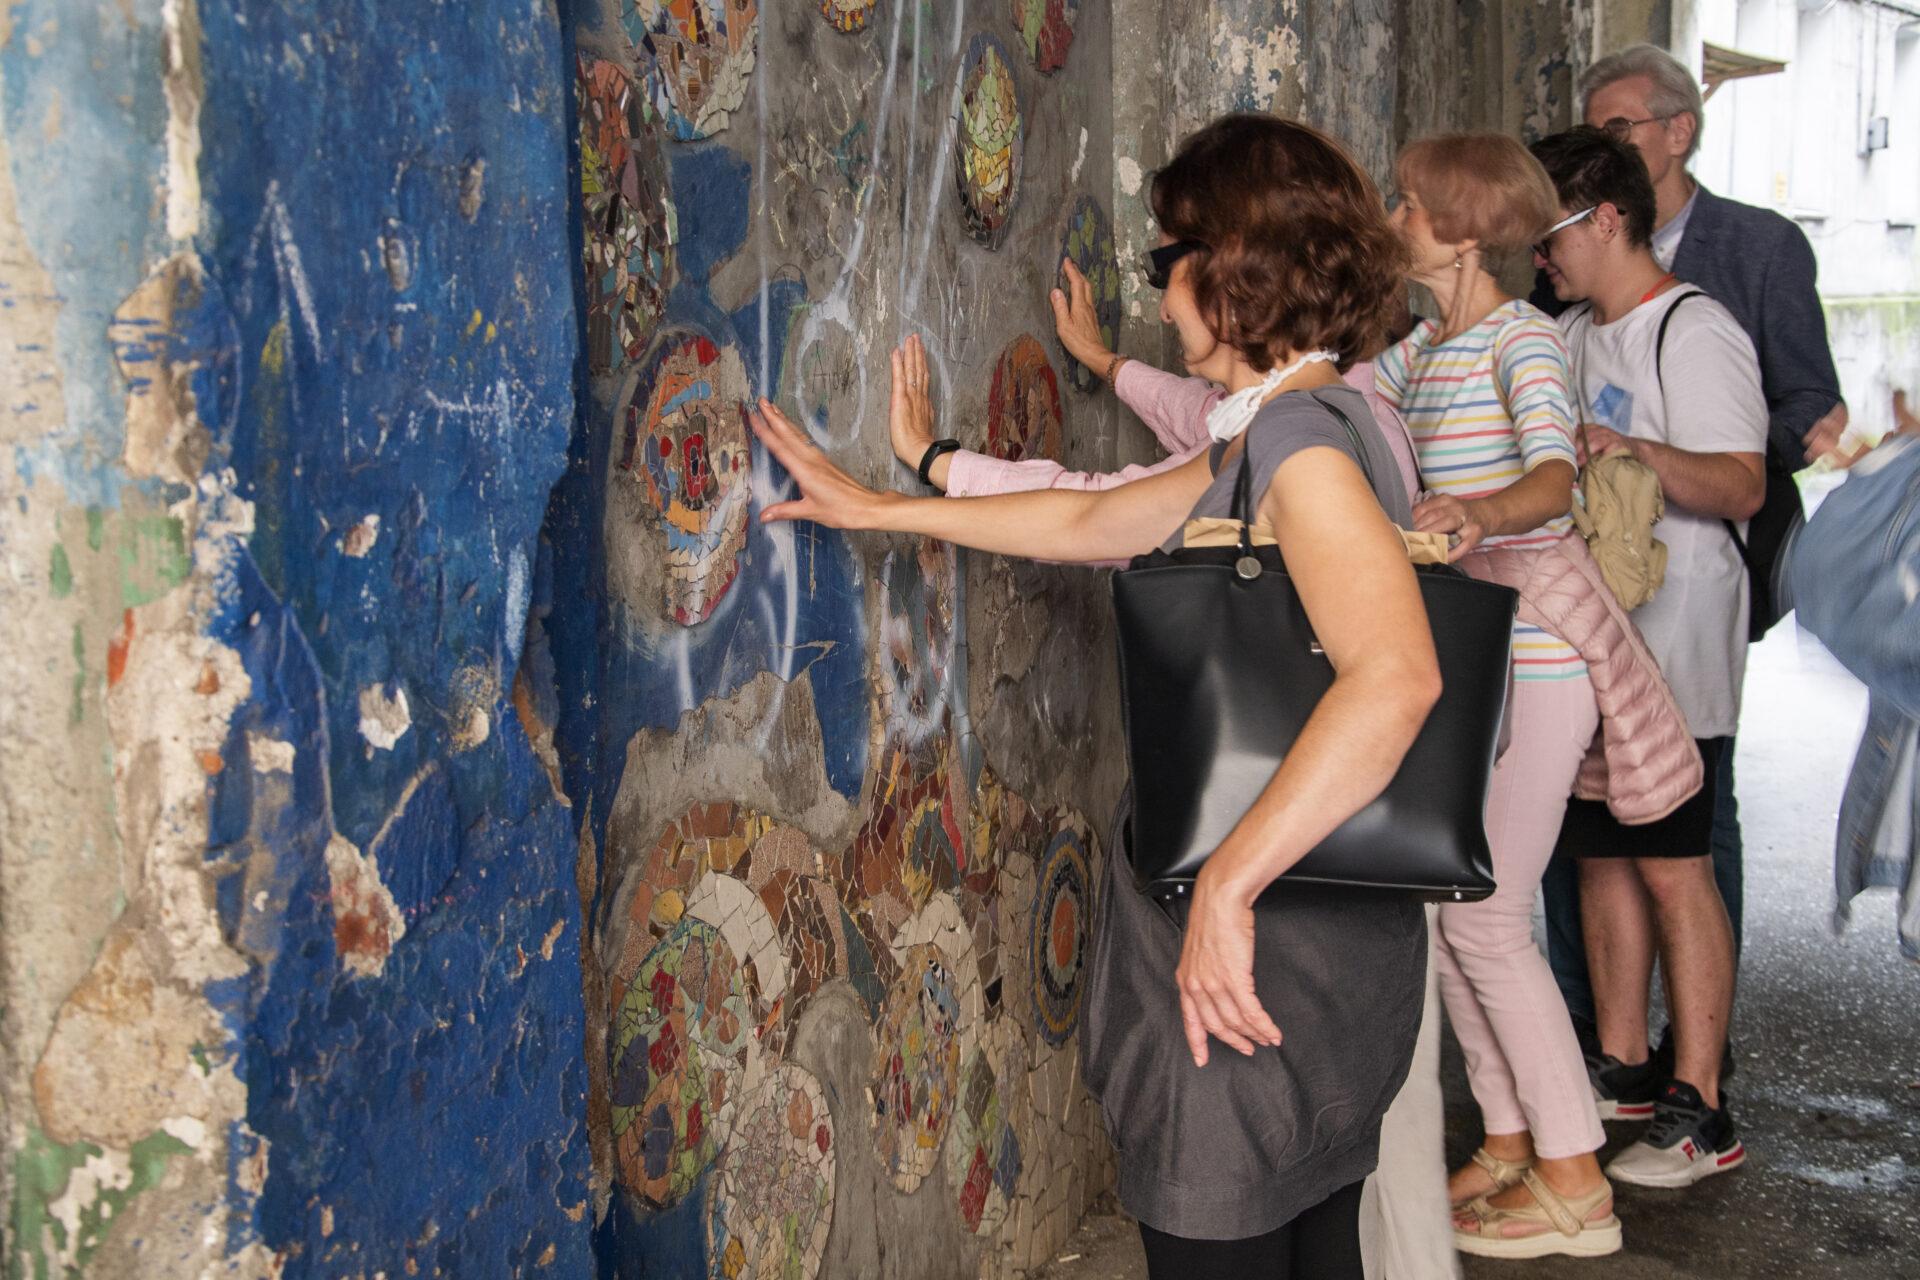 Grupa osób wróżnym wieku zzamkniętymi oczami dotyka mozaiki naścianie. Kilkanaście wielokolorowych kół onierównej powierzchni. Posklejane zróżnokształtnych fragmentów, przypominających kawałki stłuczonego szkła.